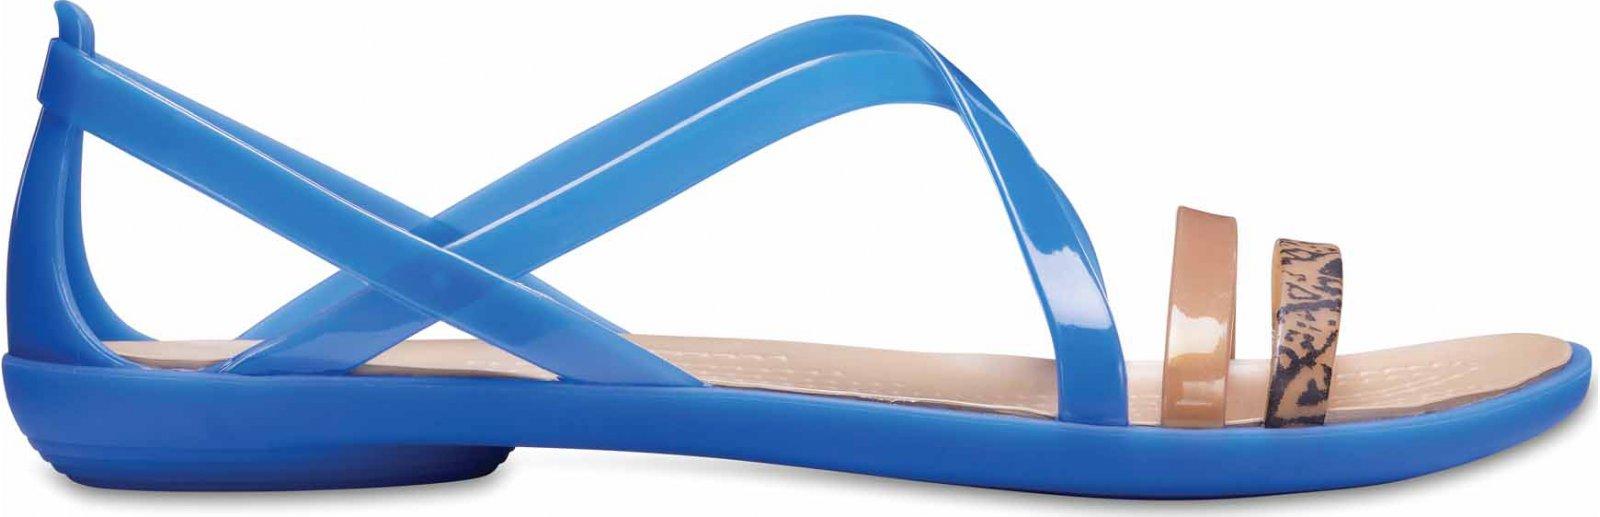 c527f386e80a6 Crocs Isabella Strappy modré/zlaté od 835 Kč | Zboží.cz